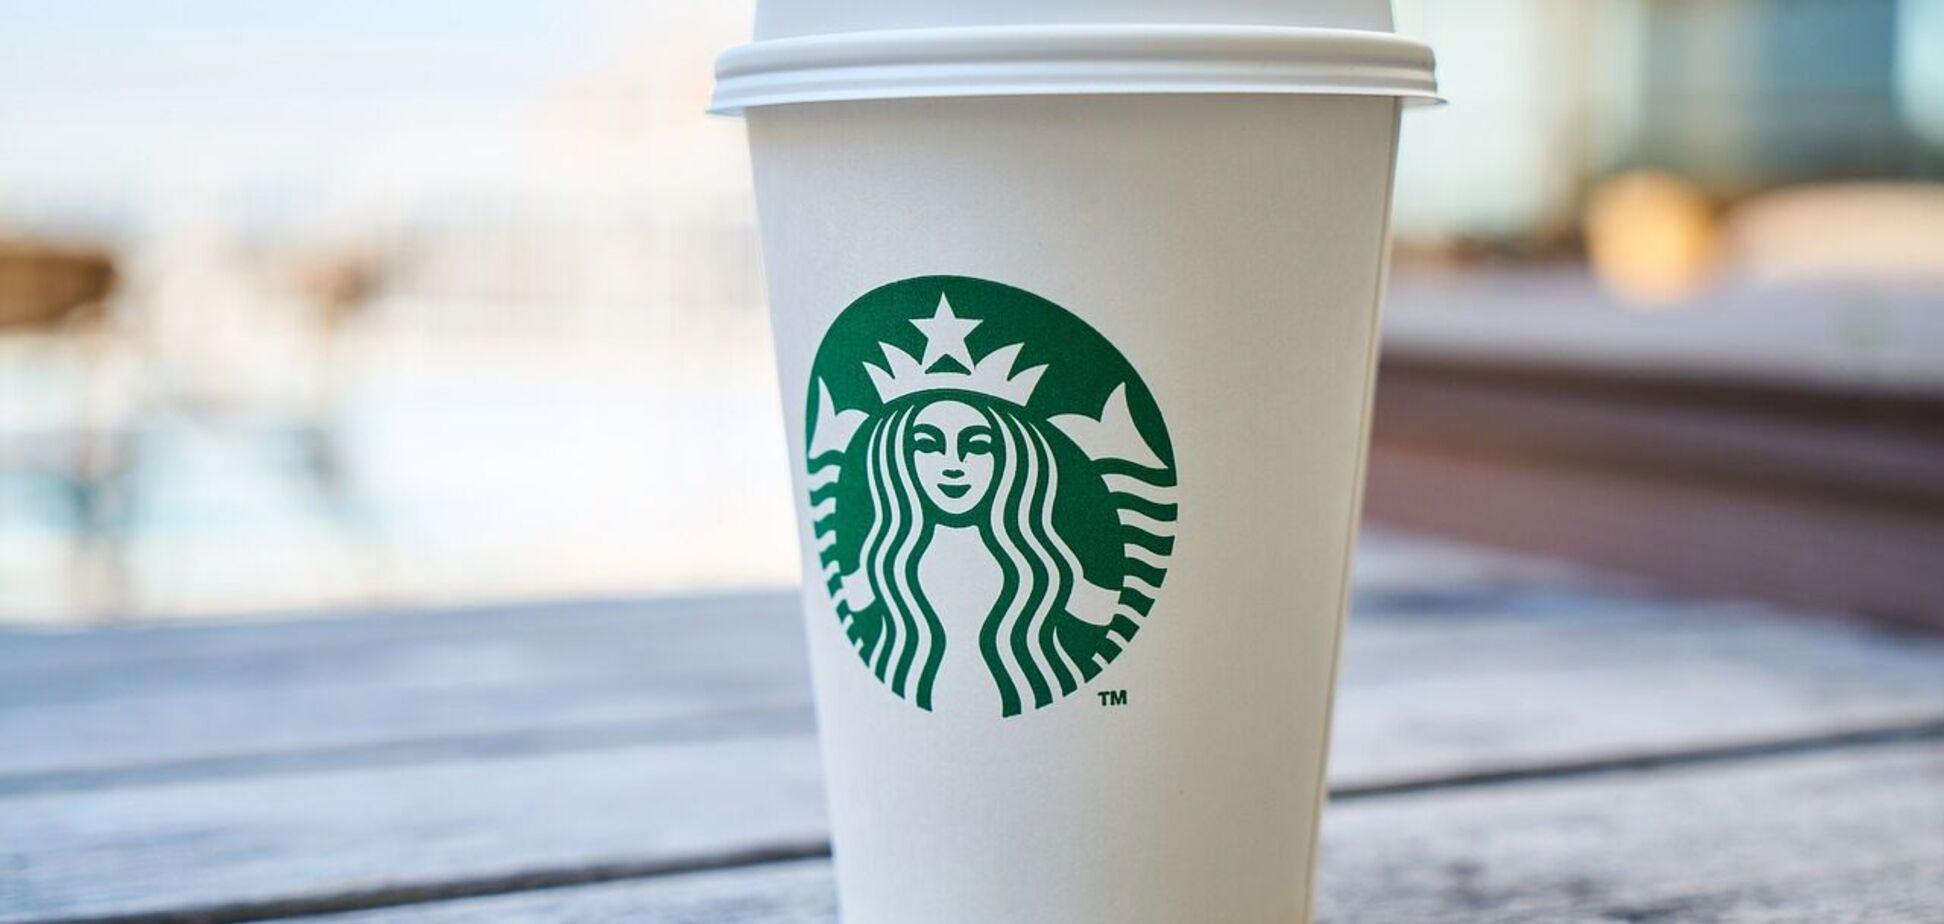 В Україні продаватимуть каву Starbucks